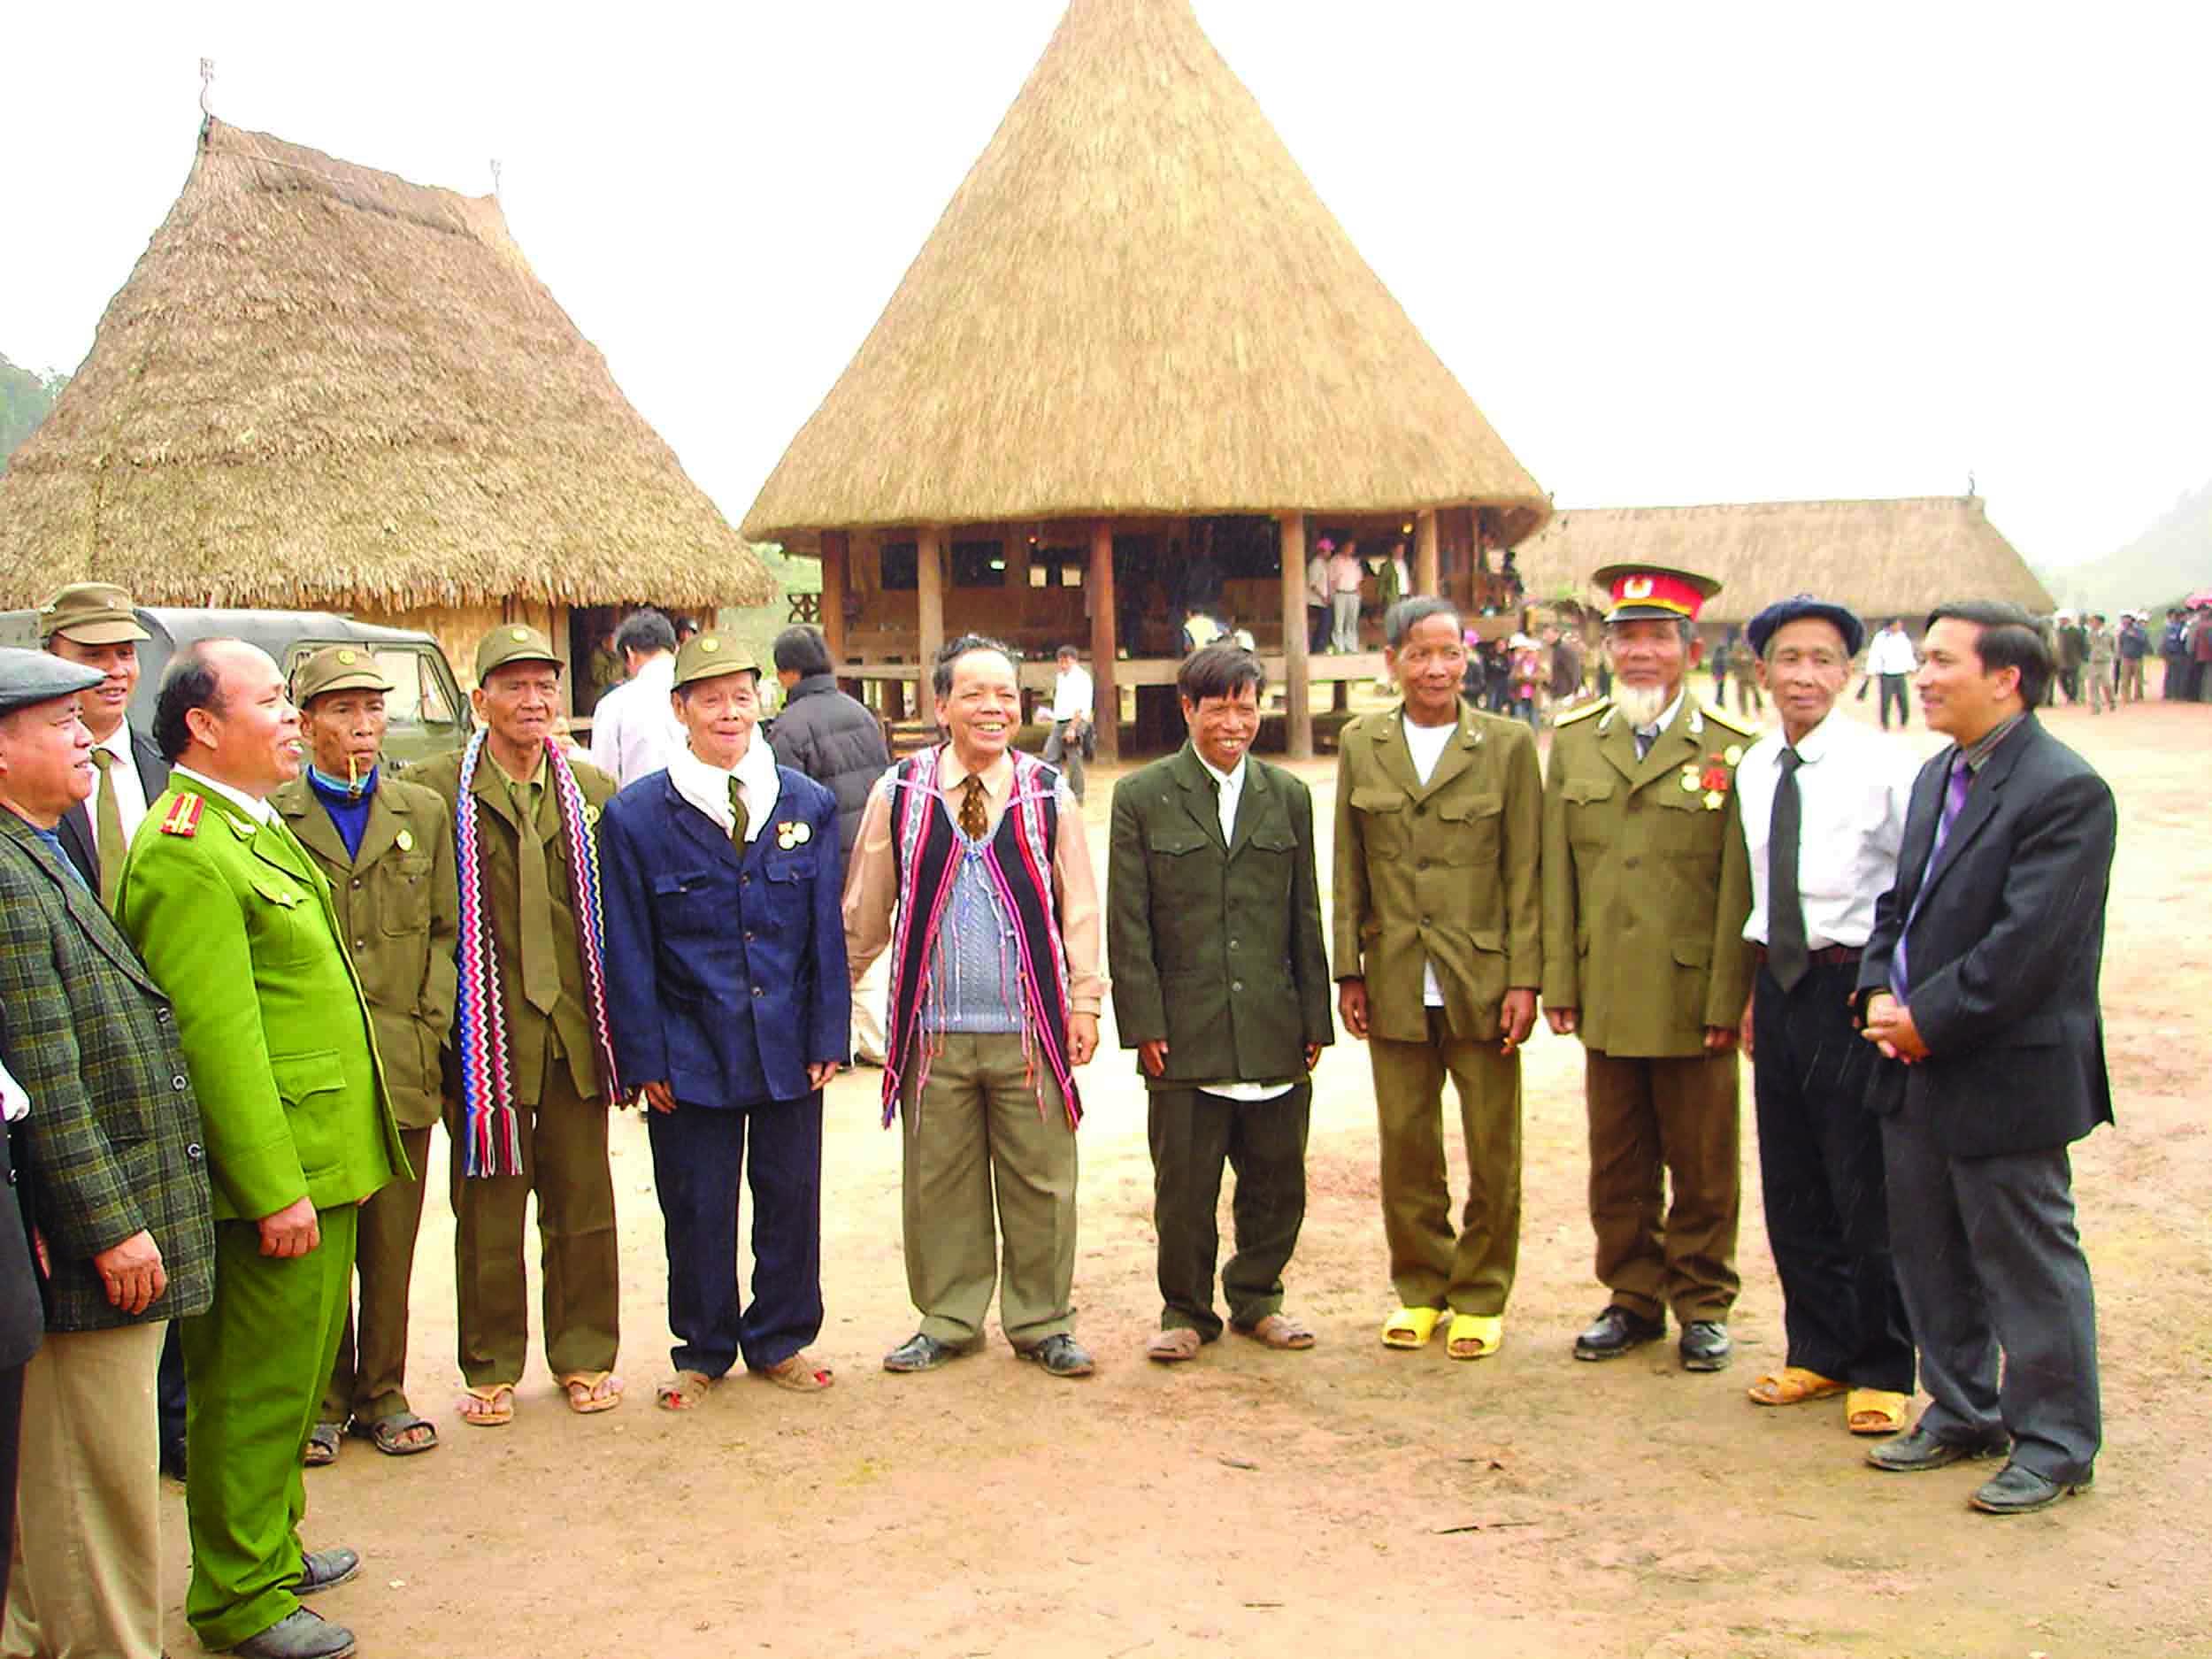 Lãnh đạo huyện Tây Giang gặp mặt già làng, các vị có uy tín trong cộng đồng người Cơ tu.